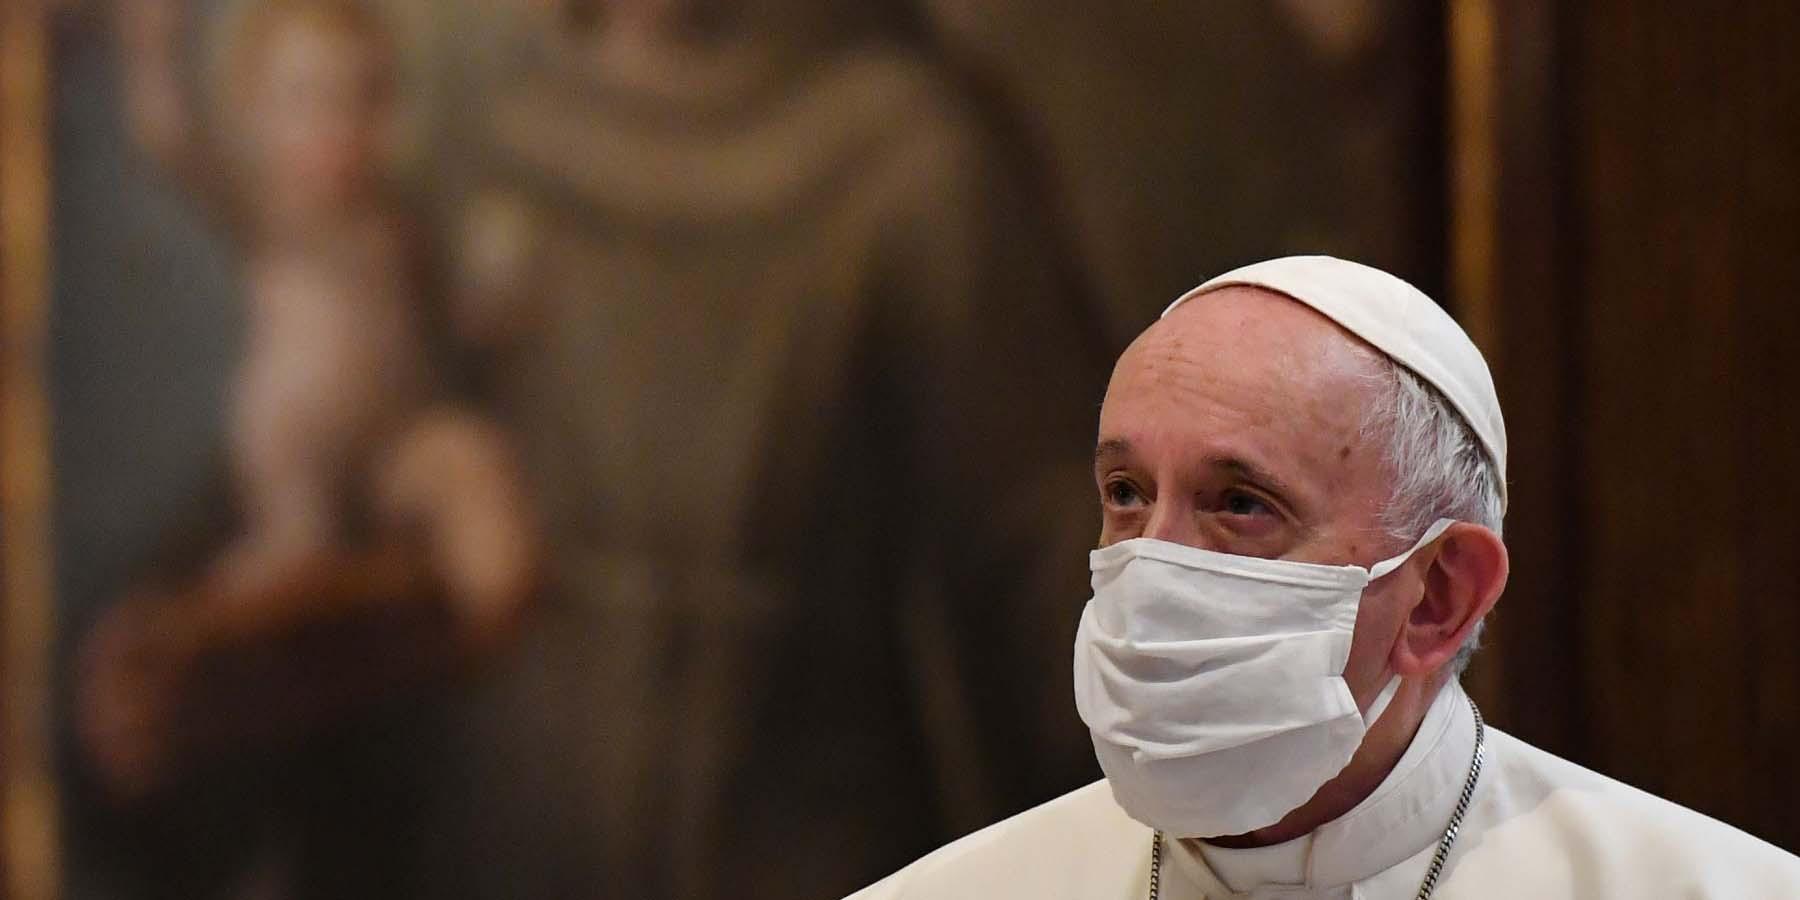 El papa Francisco está bien y respira por sus propios medios: informa Vaticano | El Imparcial de Oaxaca